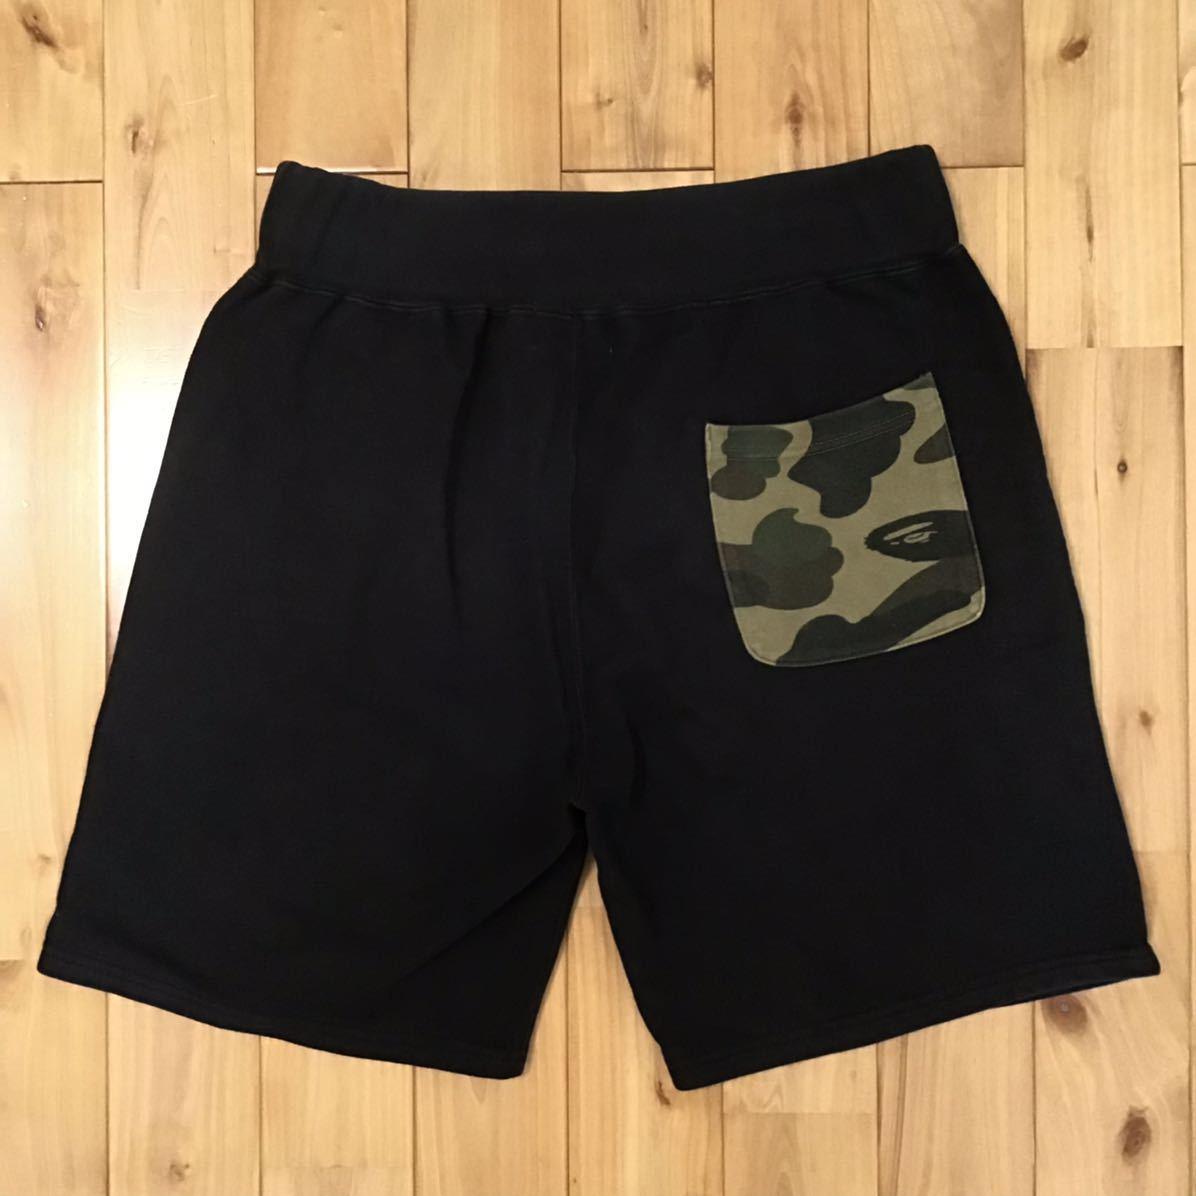 シャーク ハーフパンツ ブラック 1st camo green Mサイズ a bathing ape BAPE shark shorts ショーツ エイプ ベイプ アベイシングエイプ md